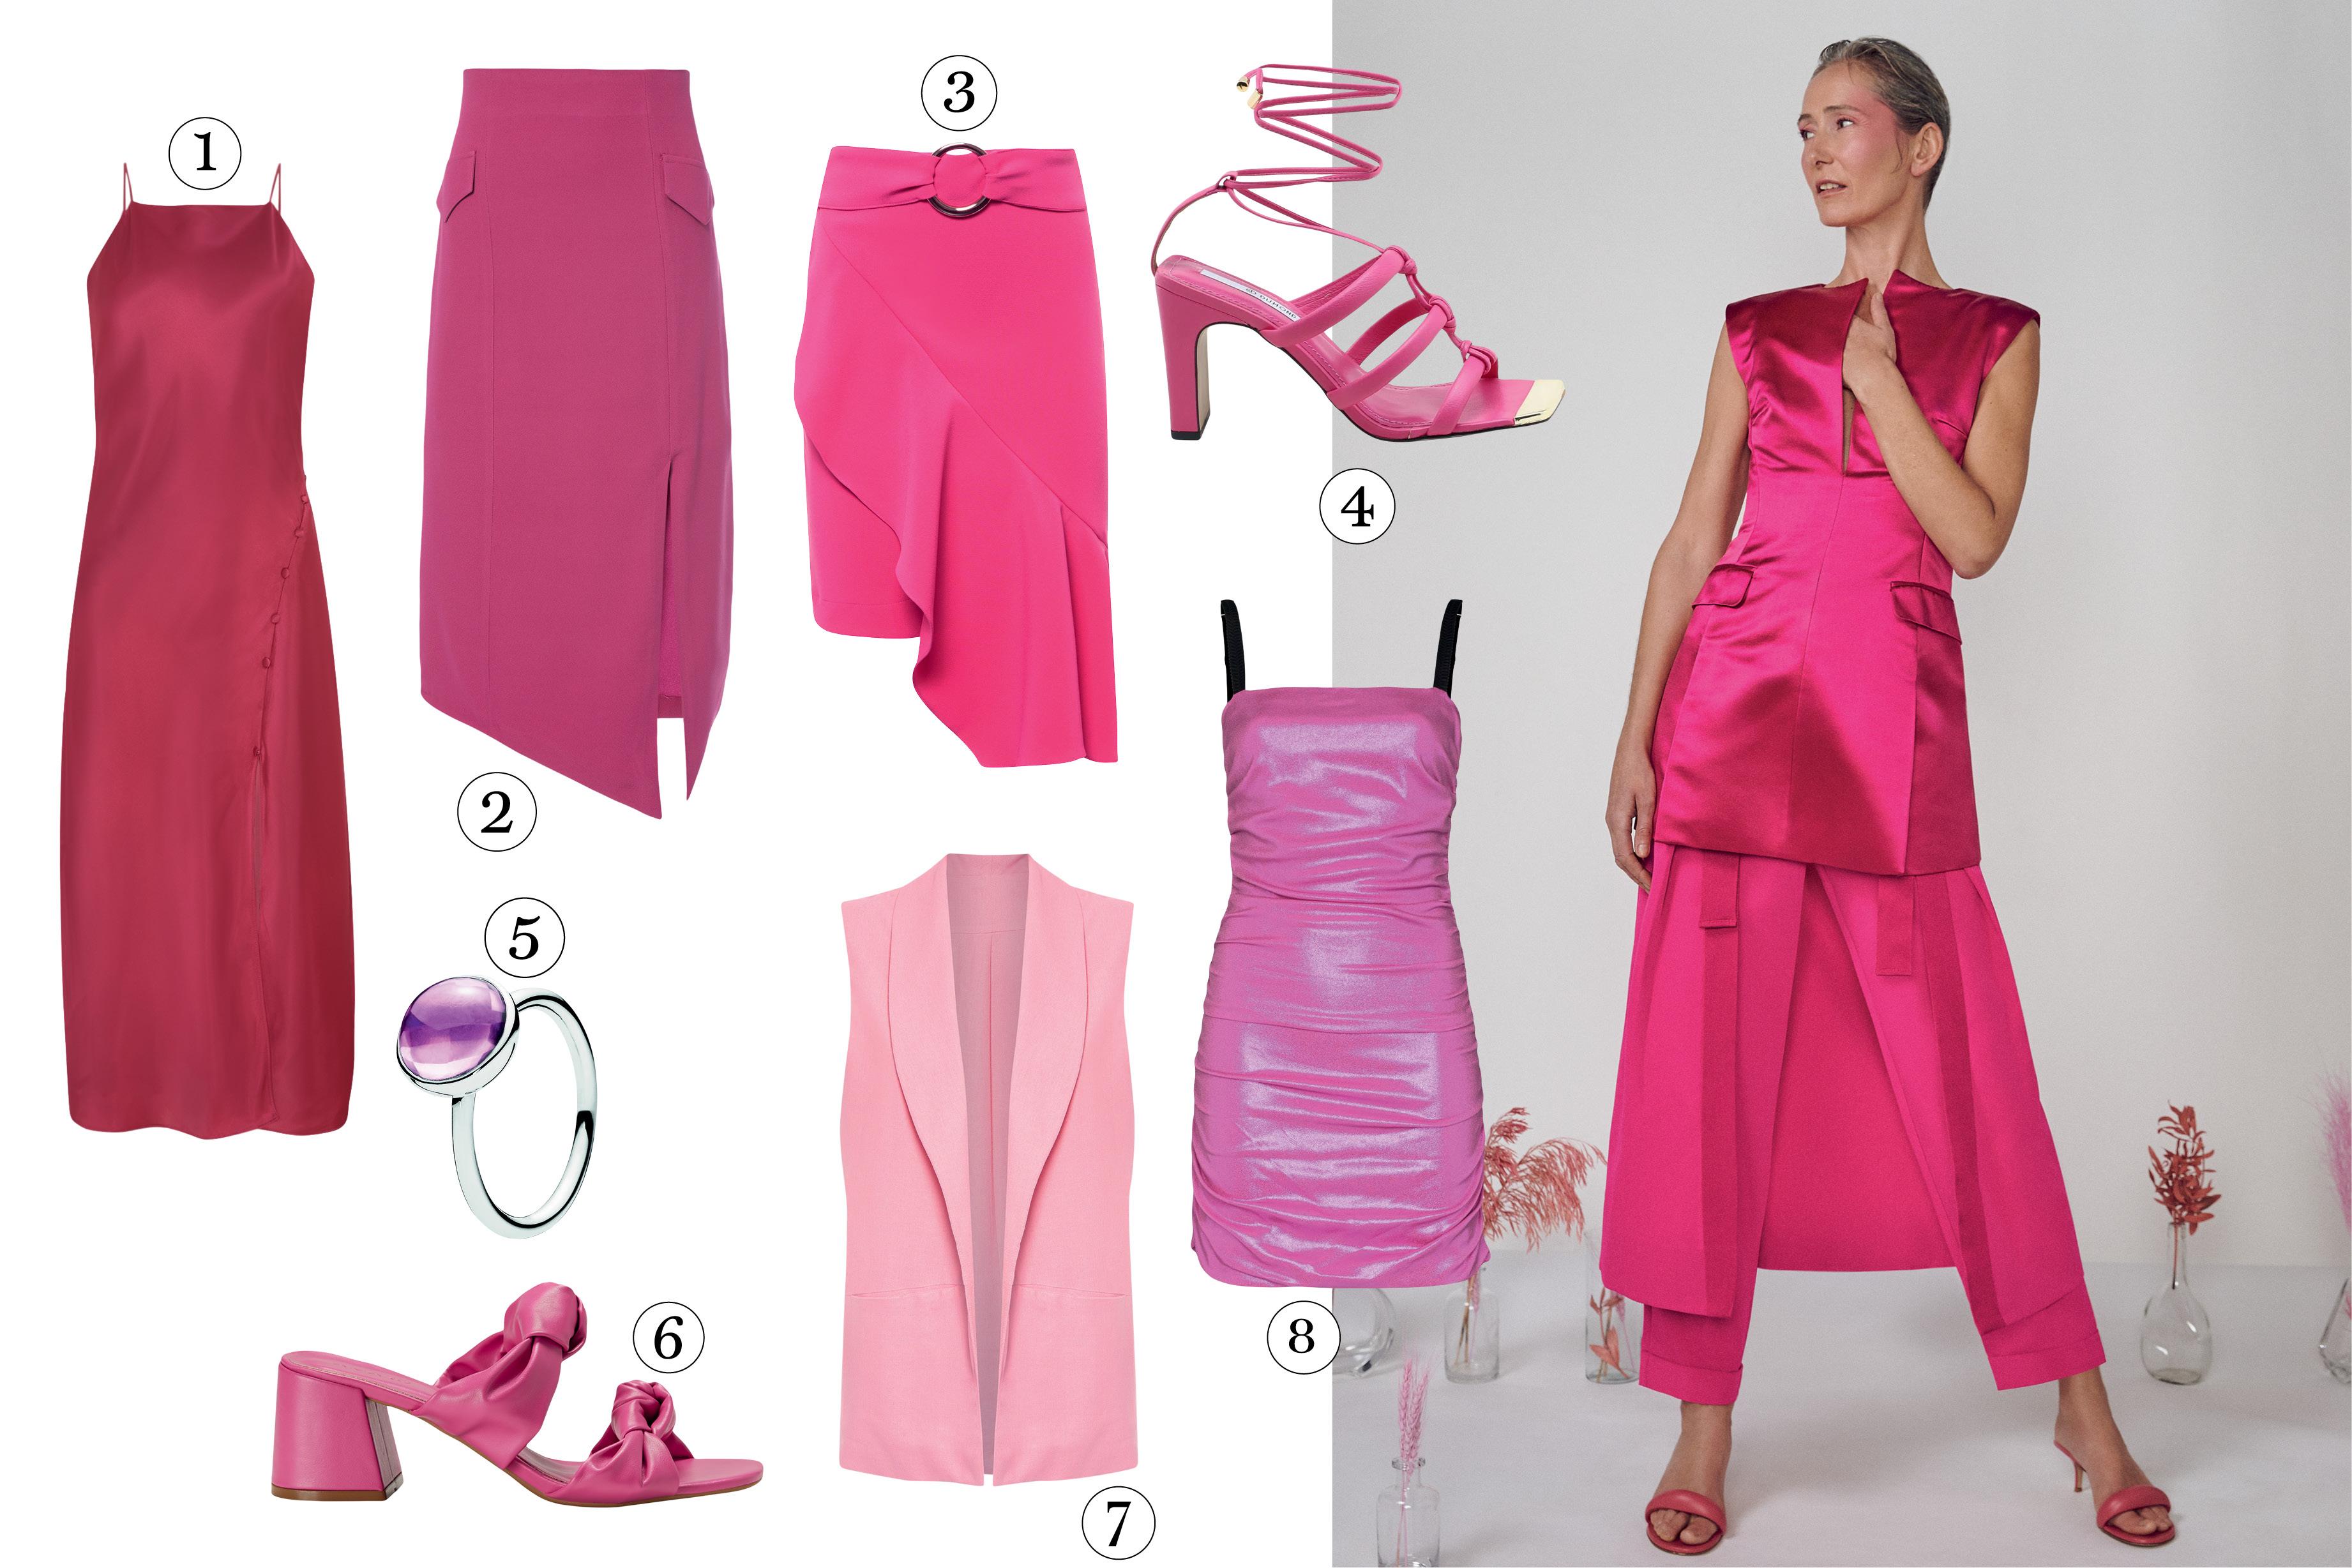 modelo com roupas rosas e peças cor de rosa